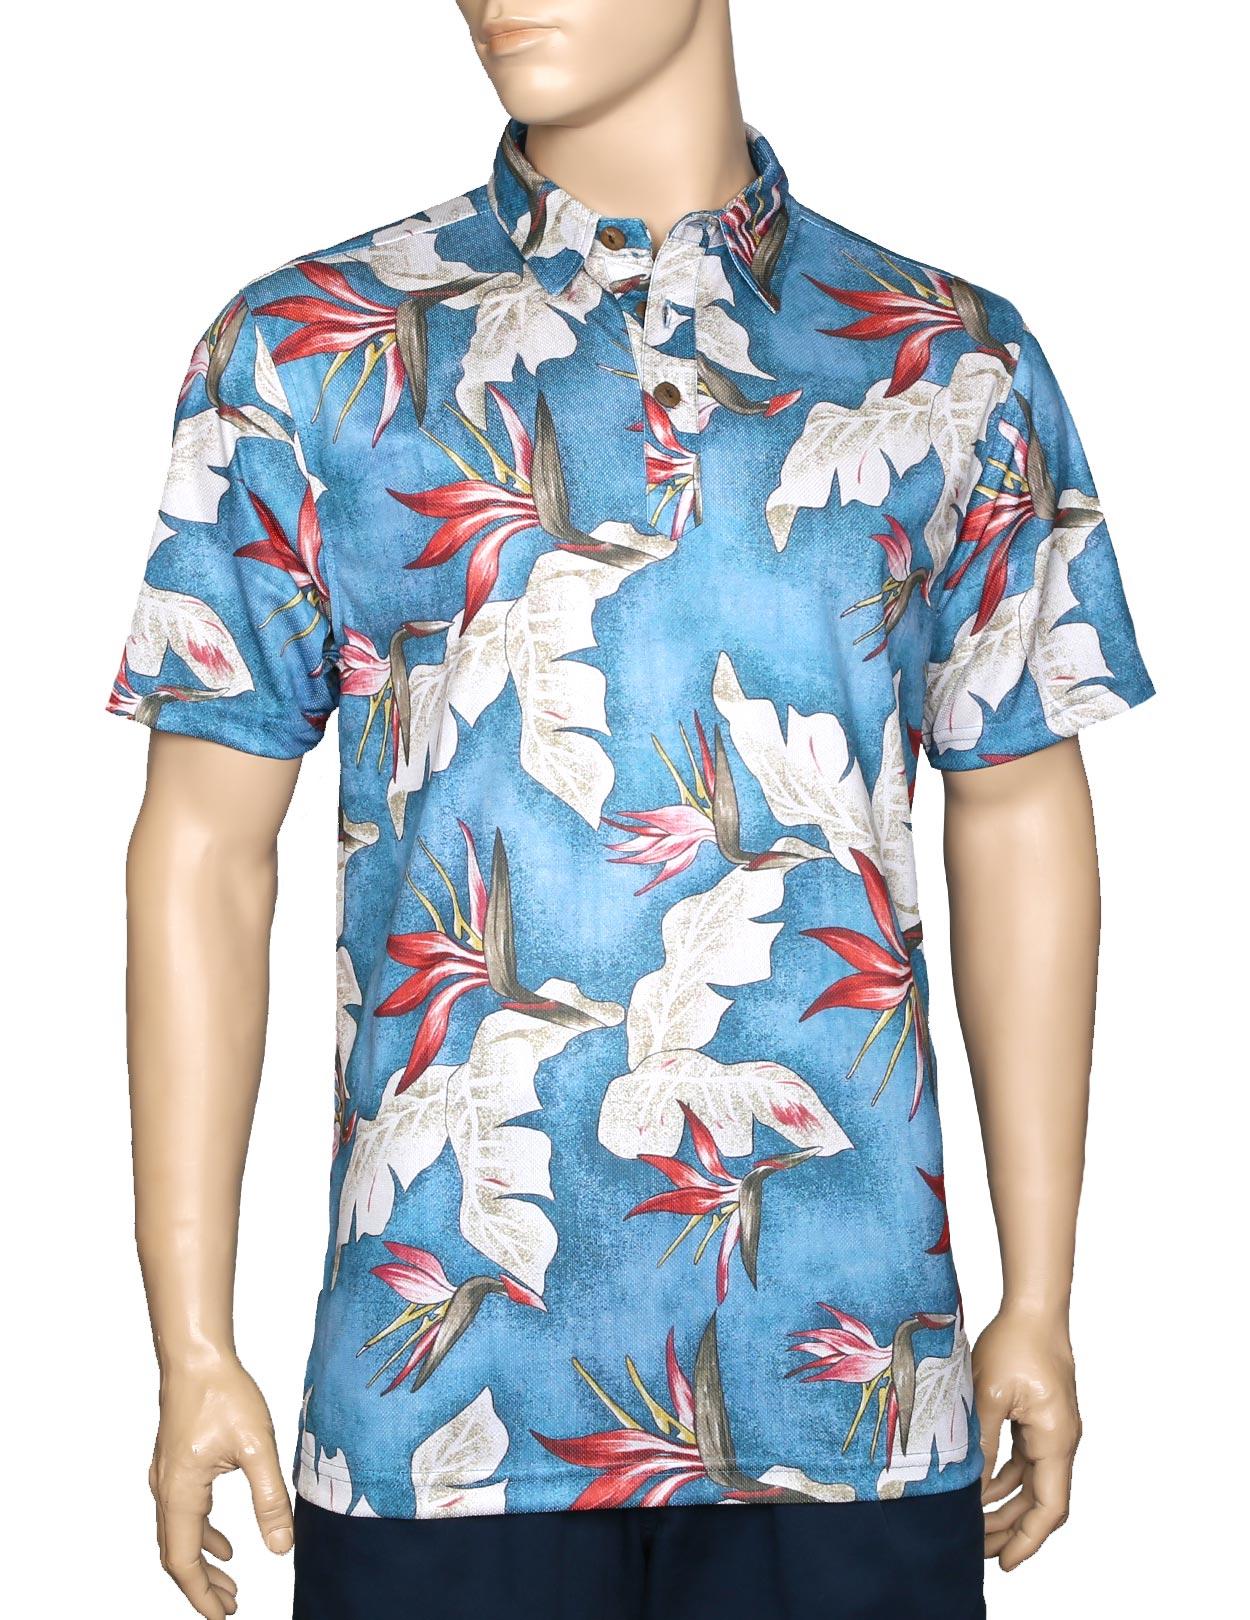 Birds Of Paradise Blue Polo Shirt Wrinkle Free Shaka Time Hawaii